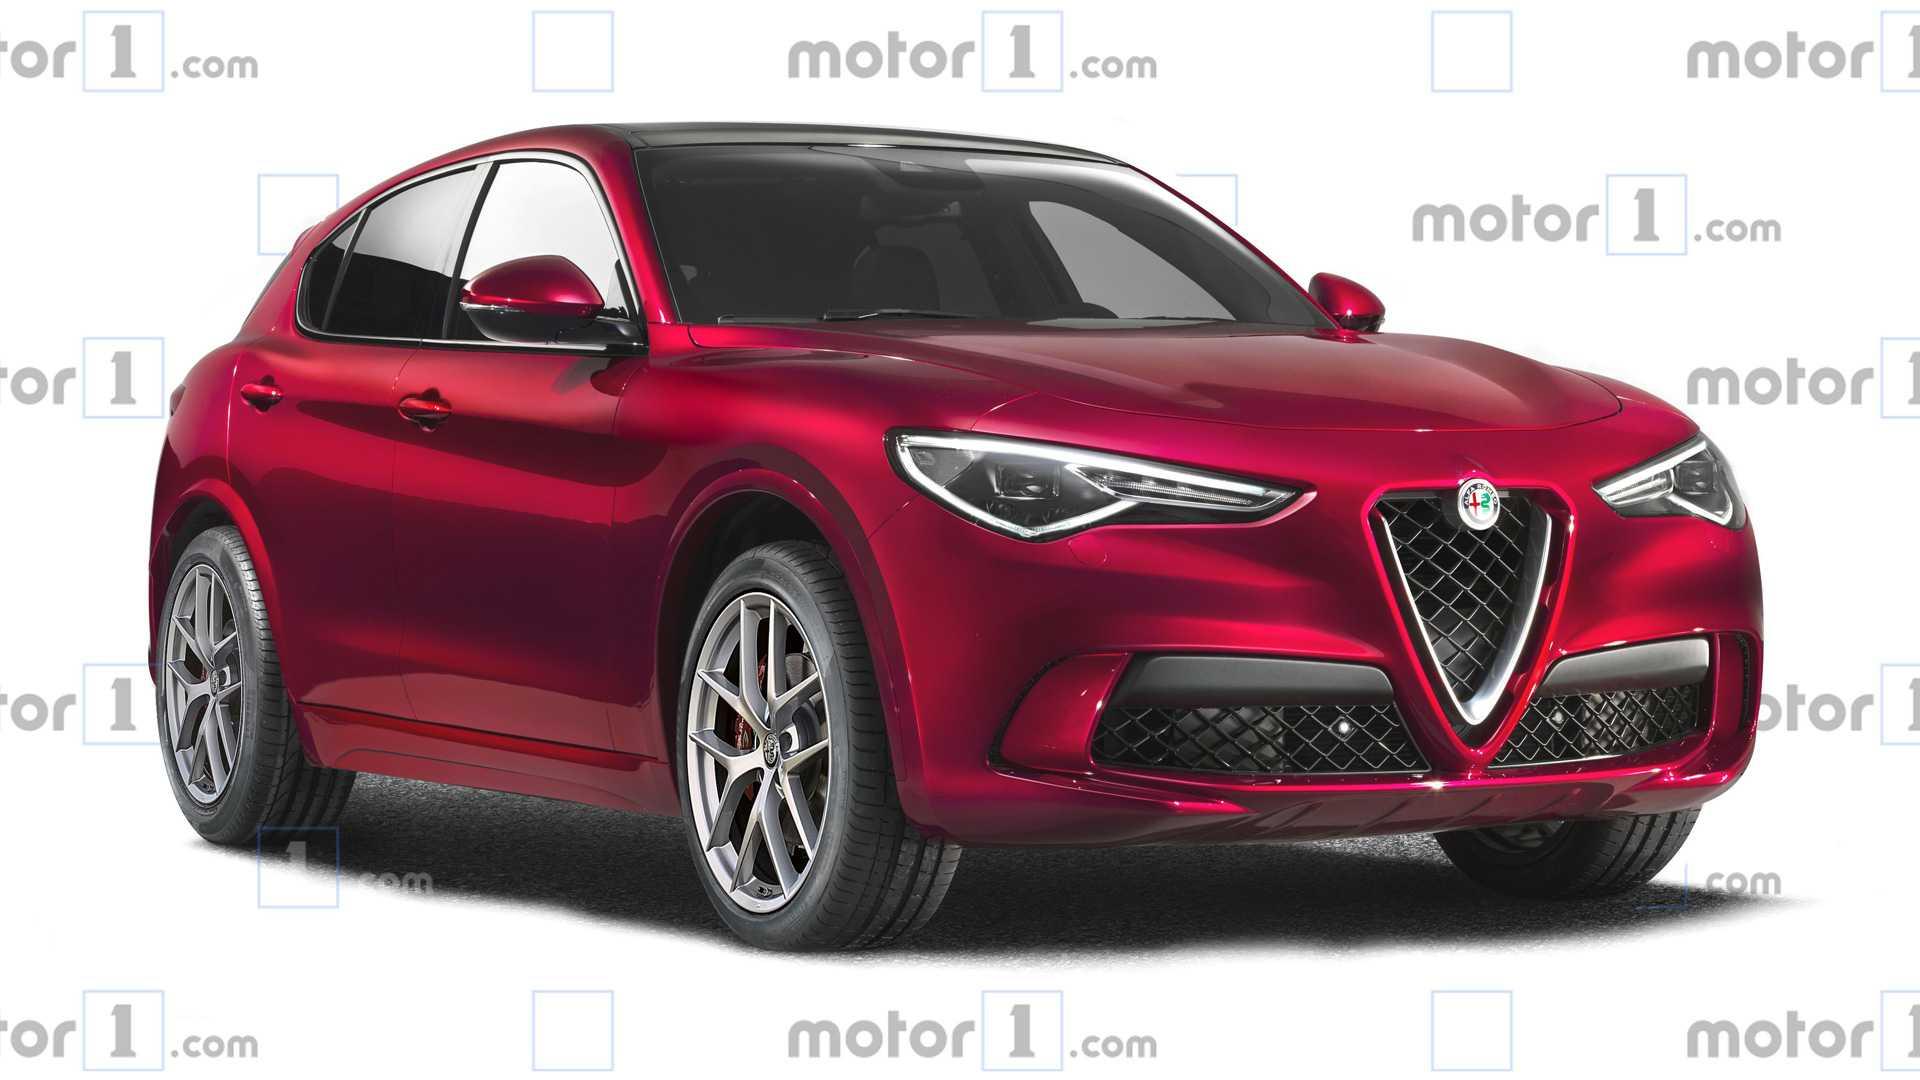 Рестайлинг даст Alfa Romeo Stelvio новую внешность 1